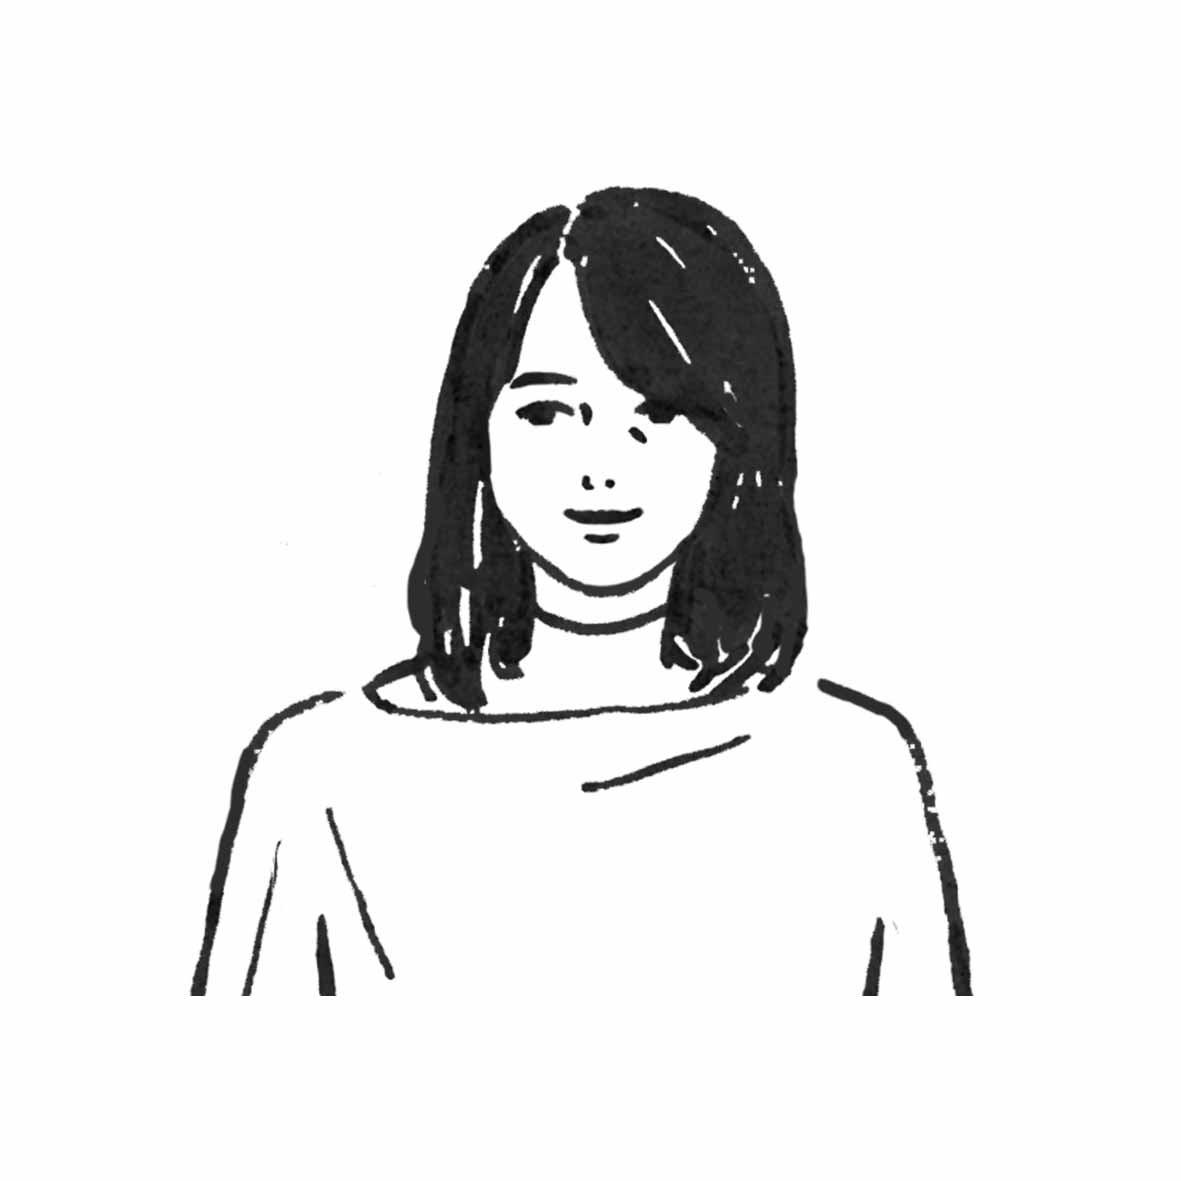 張惠菁:第一次說出